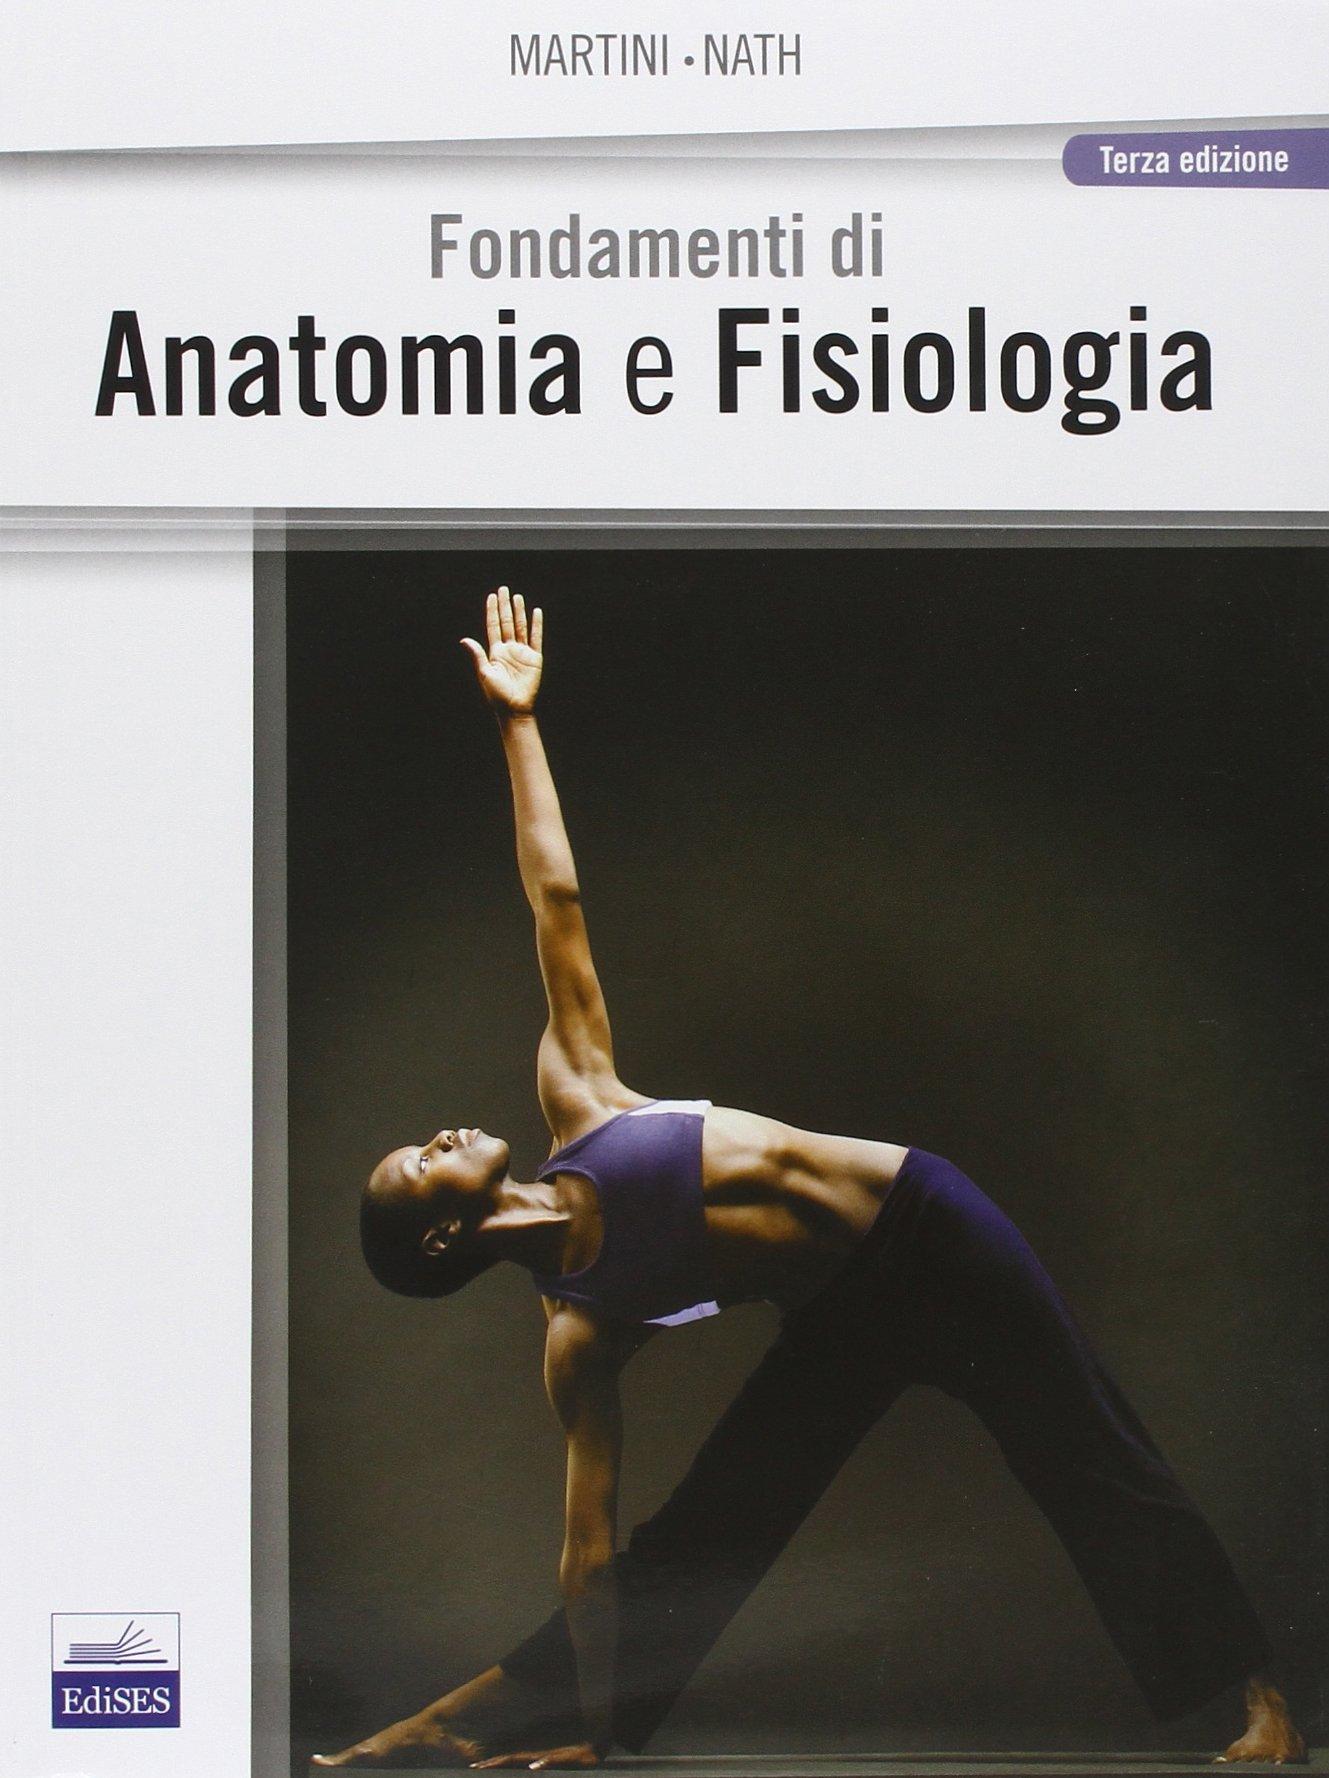 Fondamenti di anatomia e fisiologia. Con CD-ROM: 9788879596718 ...